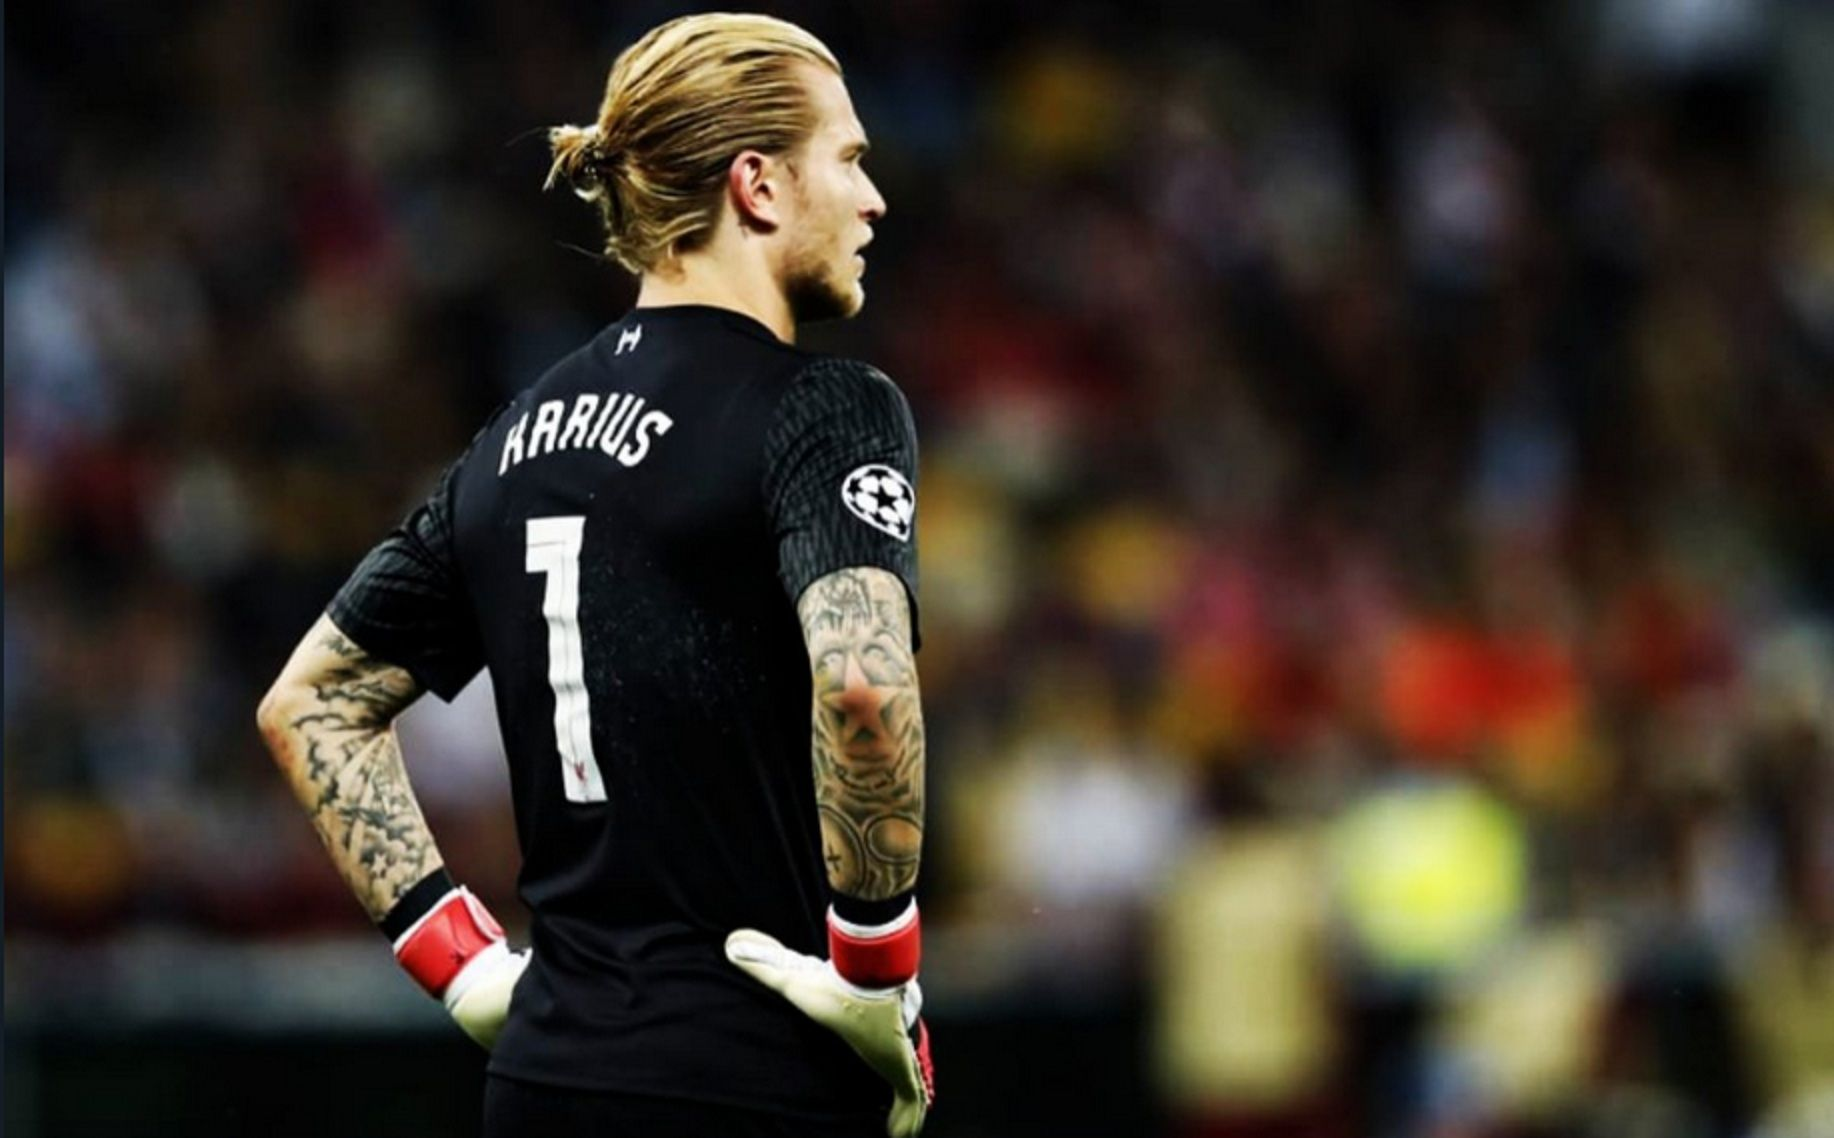 El arquero del Liverpool había sufrido una conmoción cerebral antes de regalarle dos goles al Real Madrid